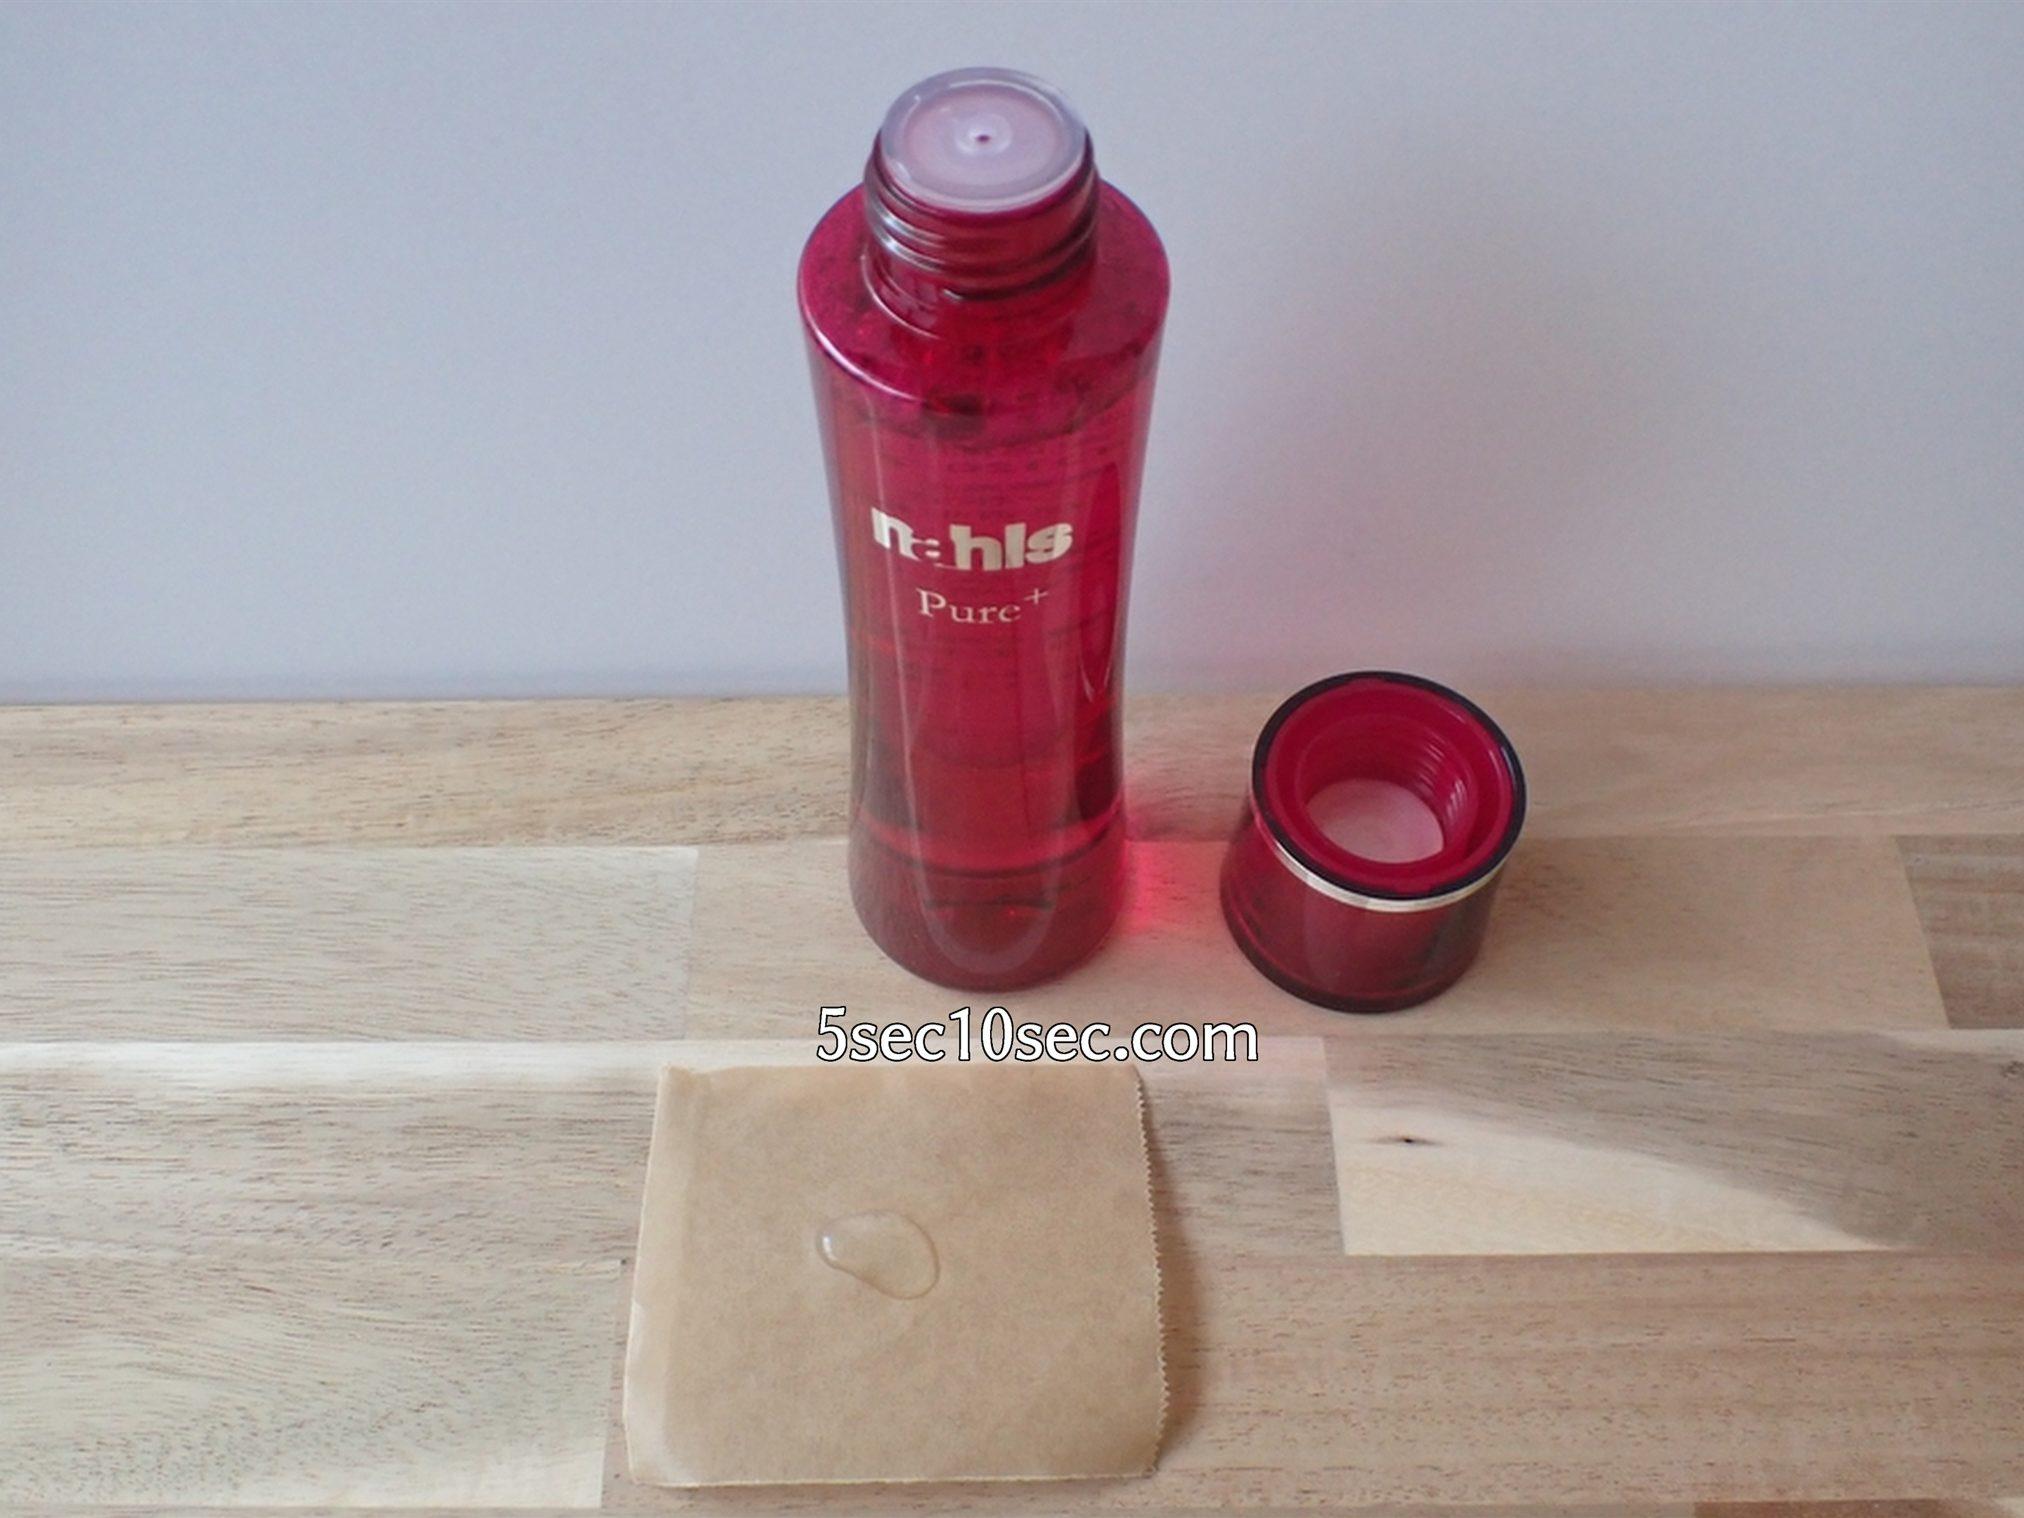 株式会社ディープインパクト ナールスピュア ナールスゲン配合化粧水 サラサラのローションです